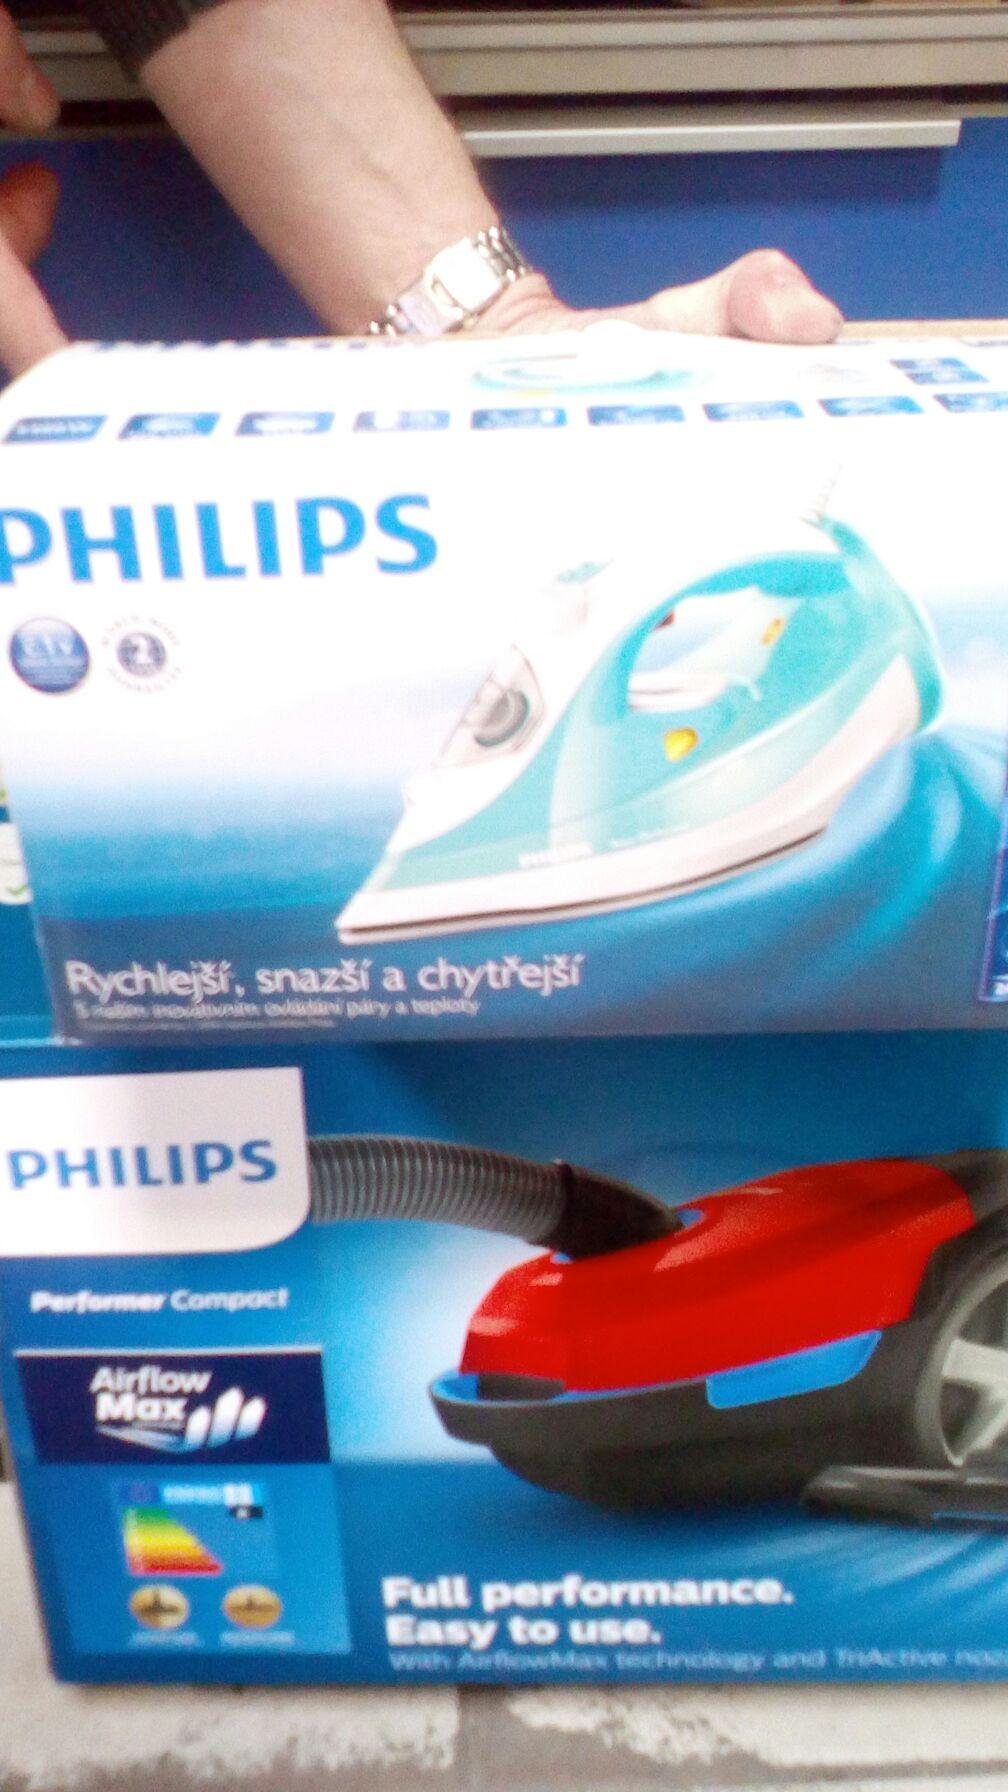 Sprzęt Philips Żelazko za 29.99 zł, odkurzacz 139 zł